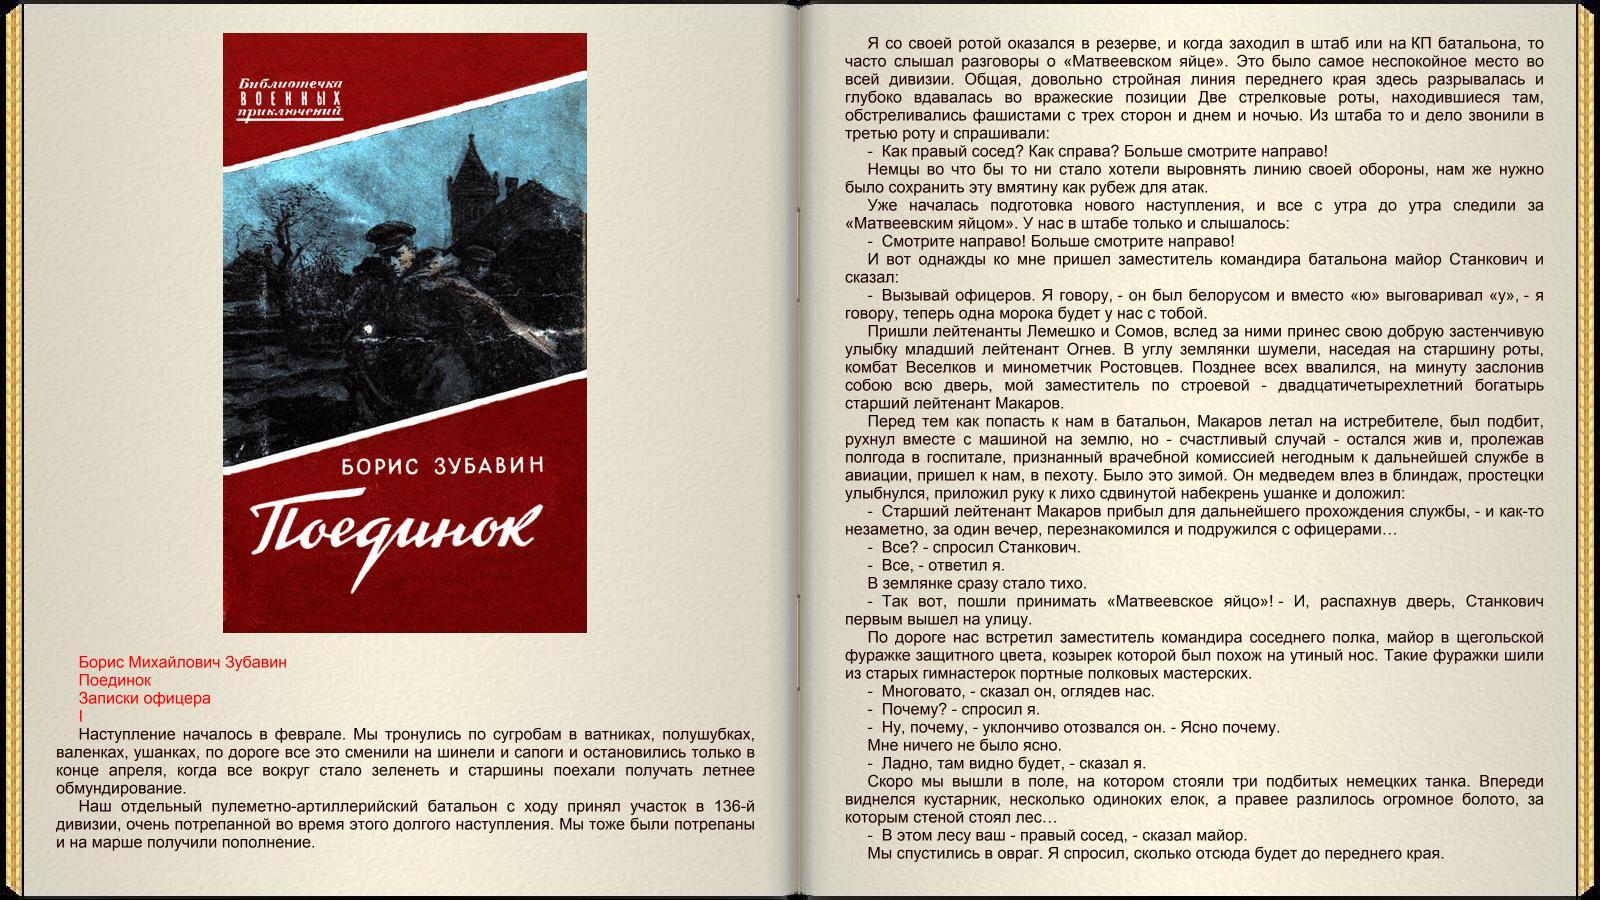 Серия книг: Библиотечка военных приключений (73 книги) (1950-1962) FB2, PDF, DjVu